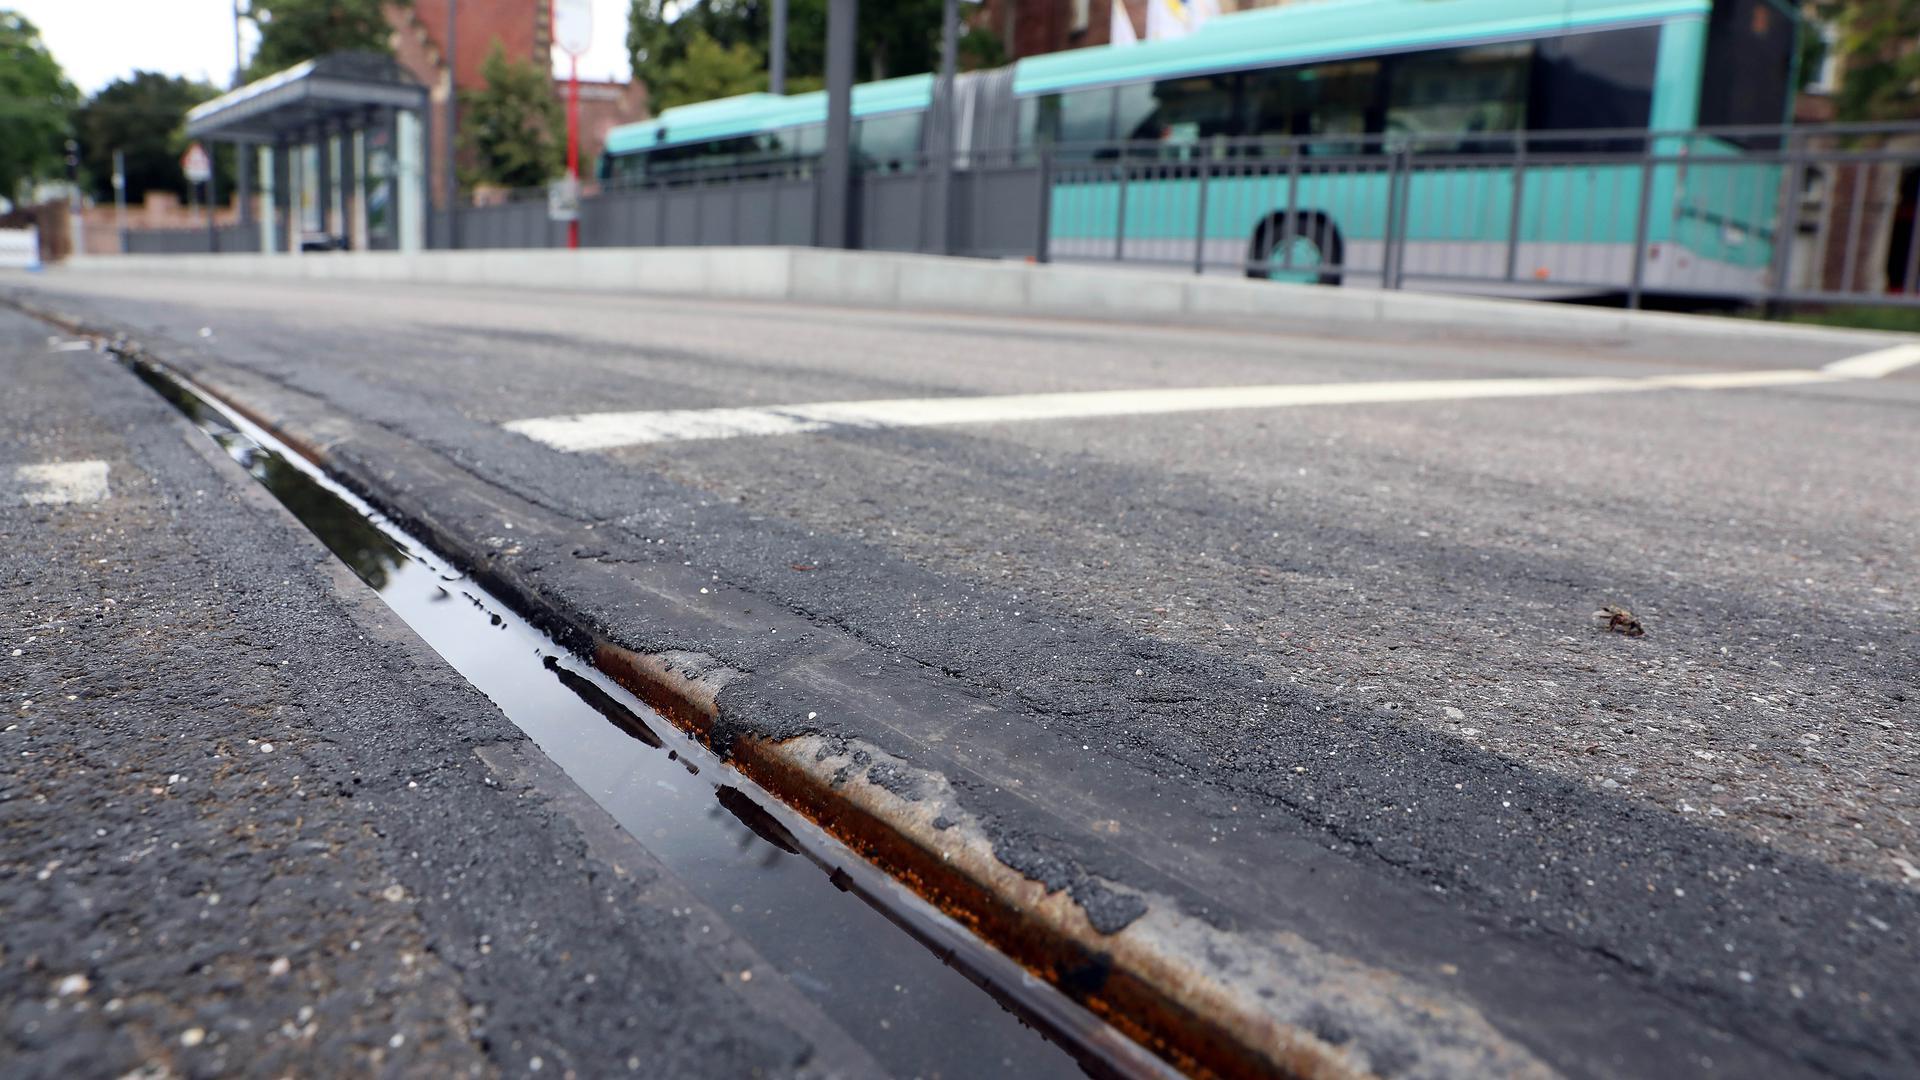 Verschmutzte Gleise im Vordergrund, der Schienenersatzverkehr im Hintergrund